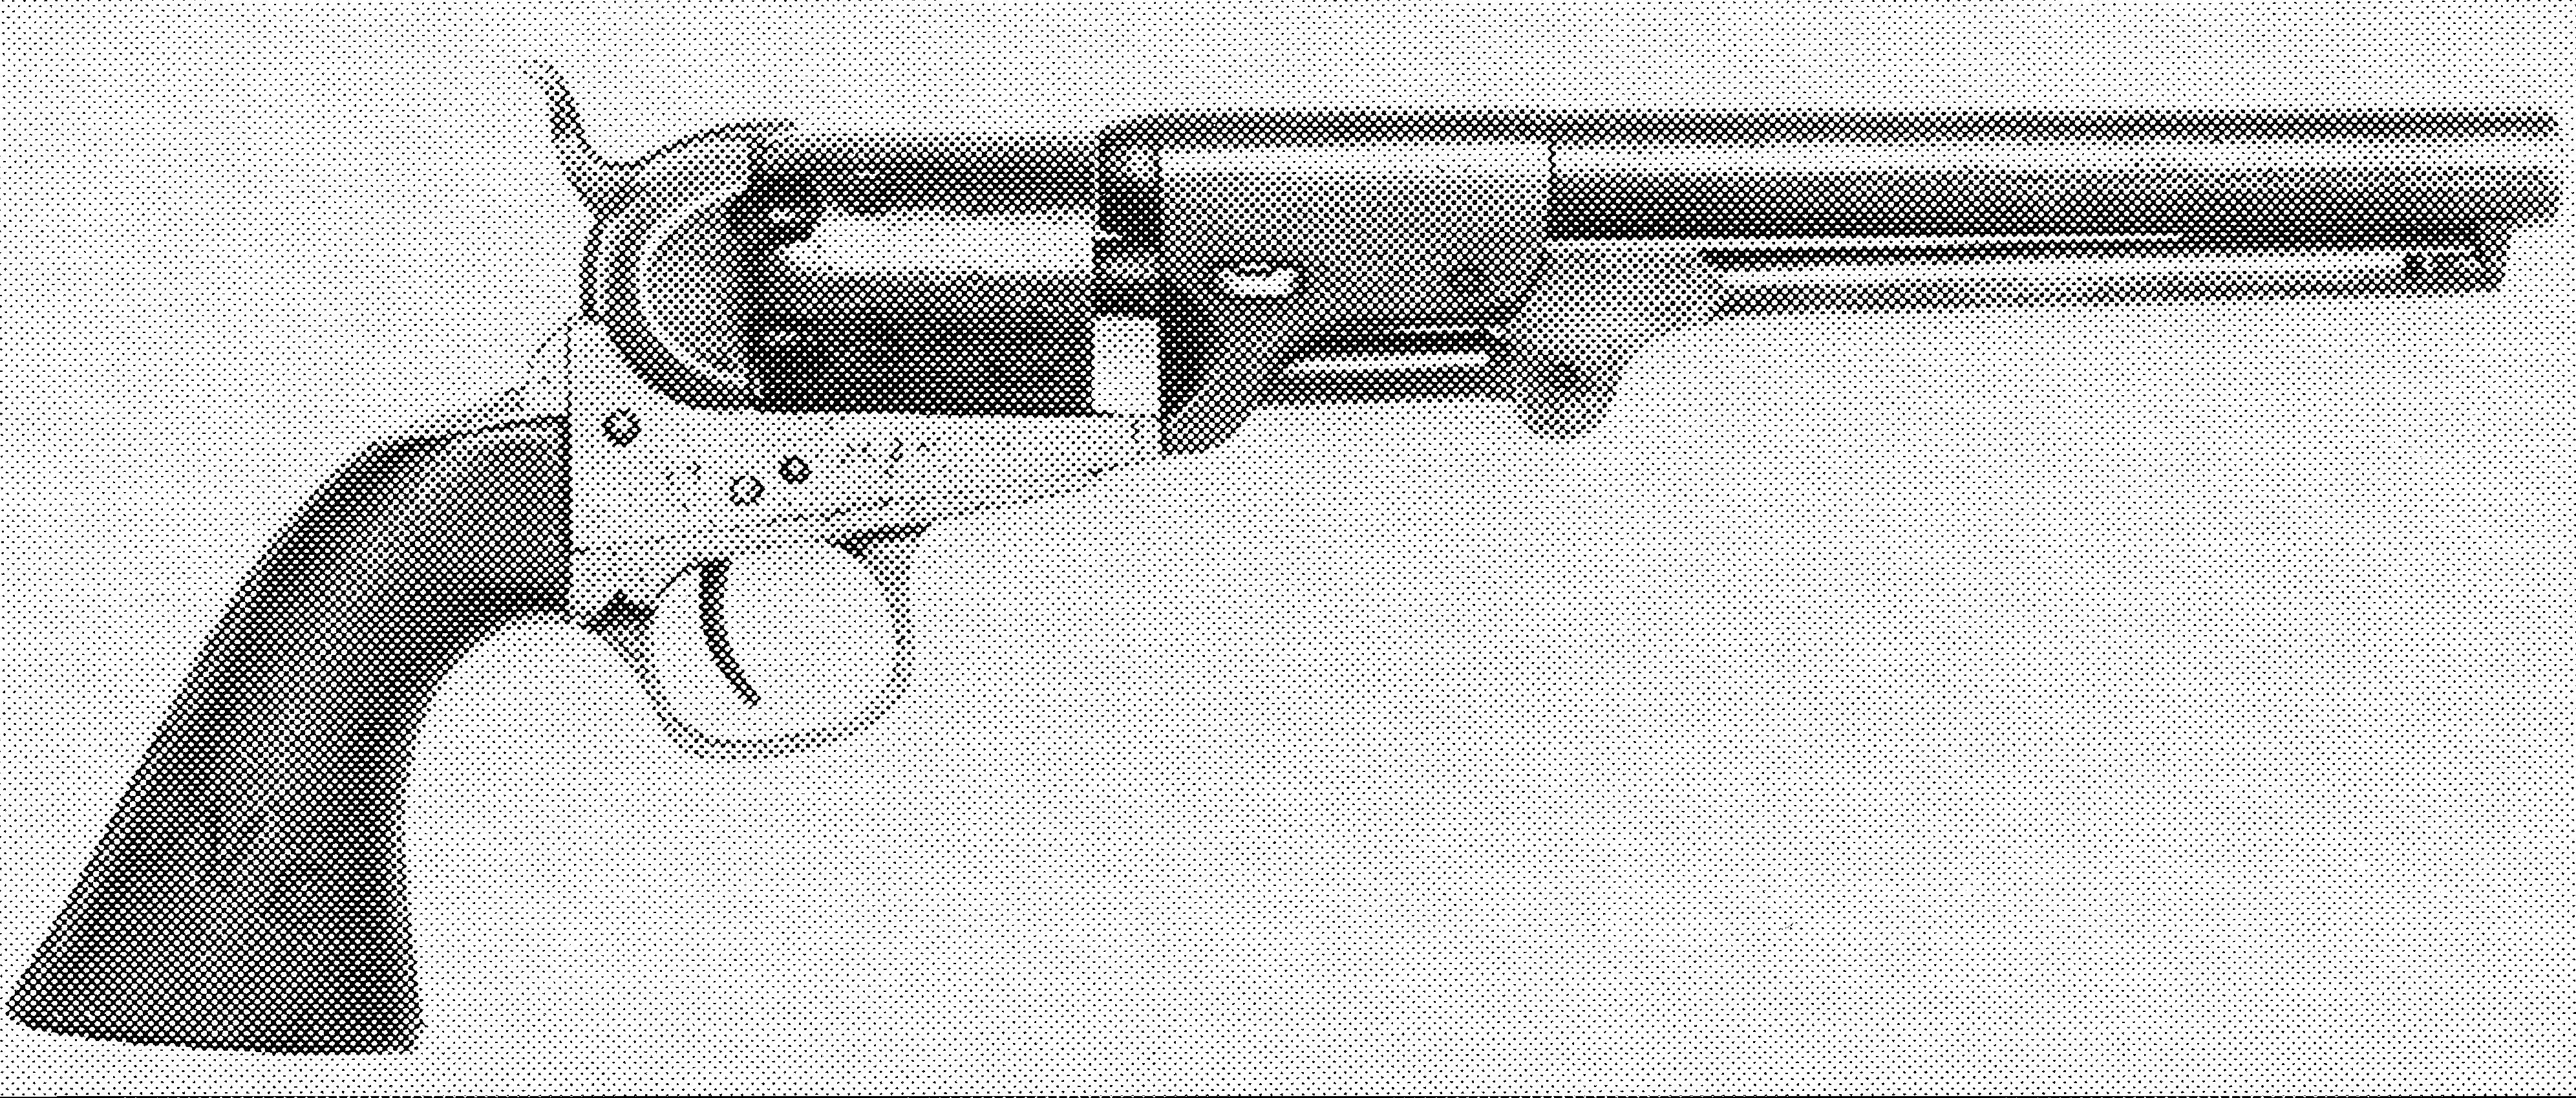 1851 Navy Type